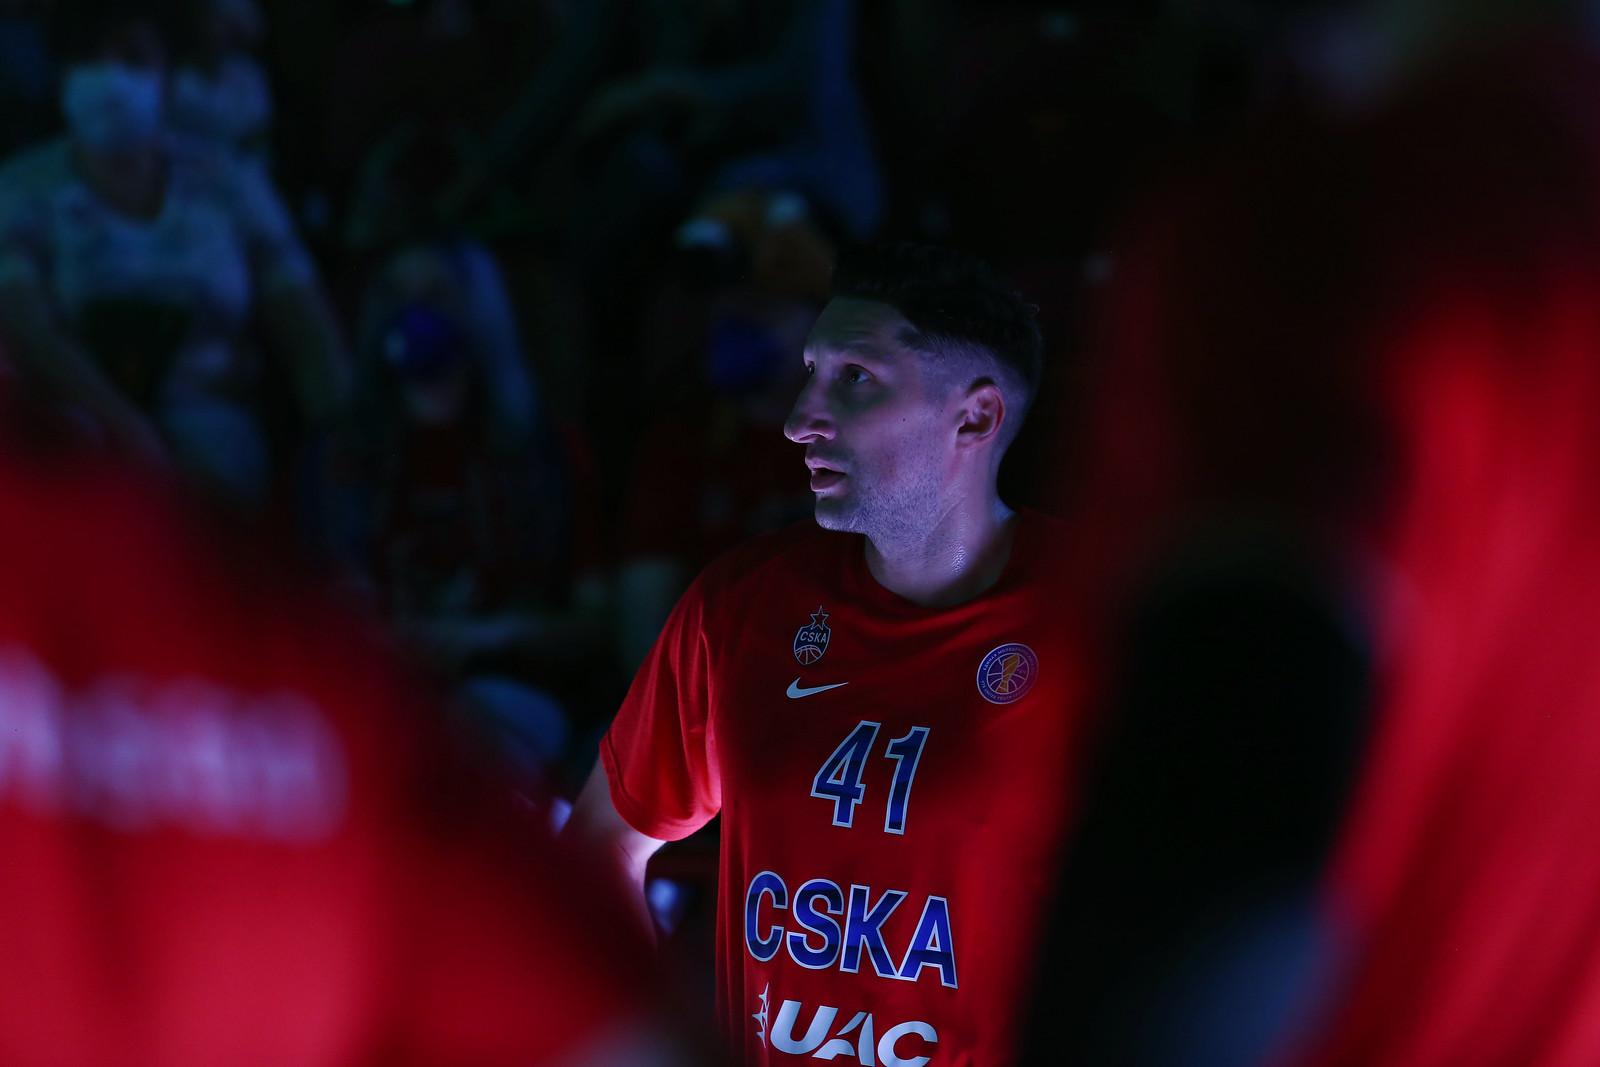 05/06/2021 UNICS-CSKA 77:85